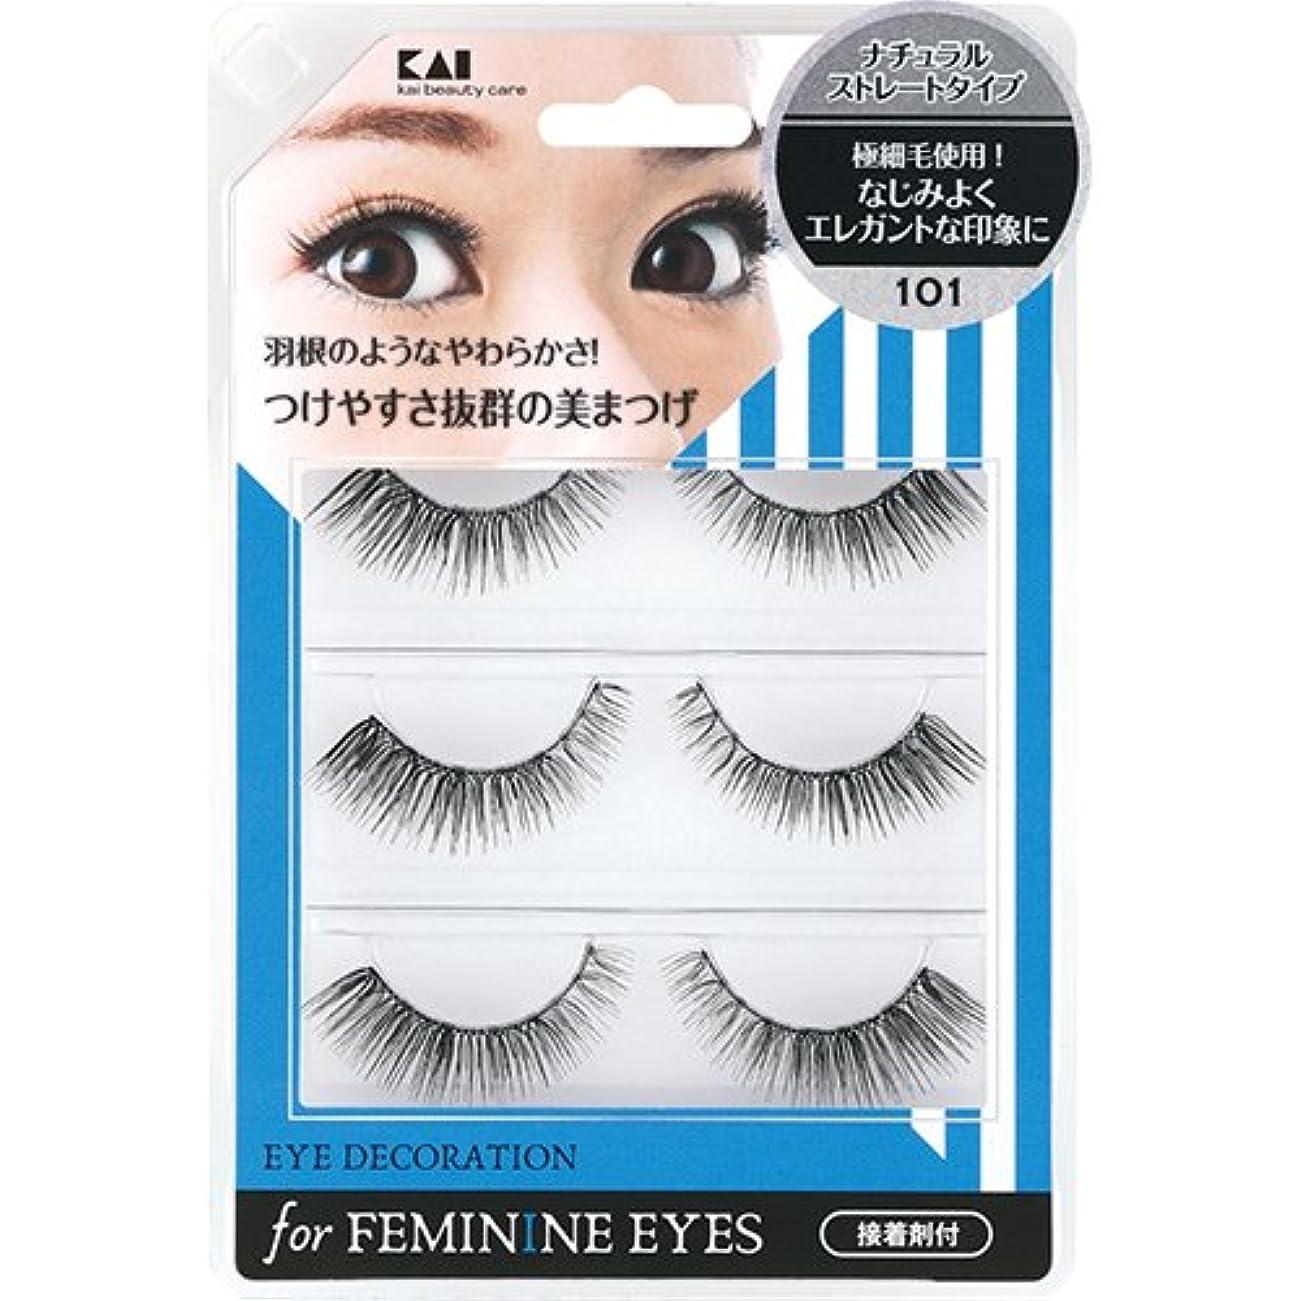 群がるパワーセル裕福な貝印 アイデコレーション for feminine eyes 101 HC1555